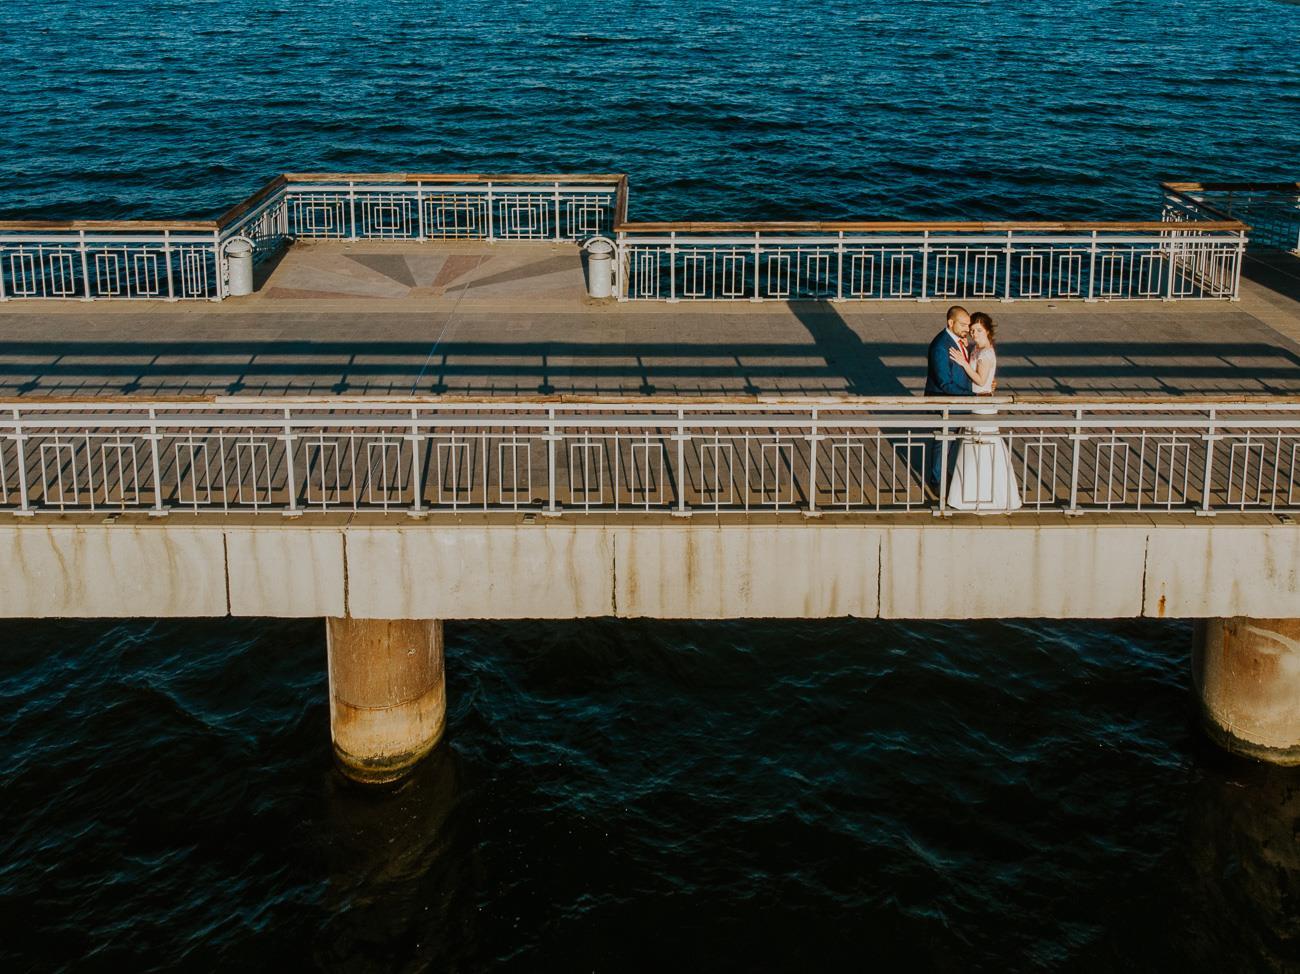 сватбена фотосесия край морето